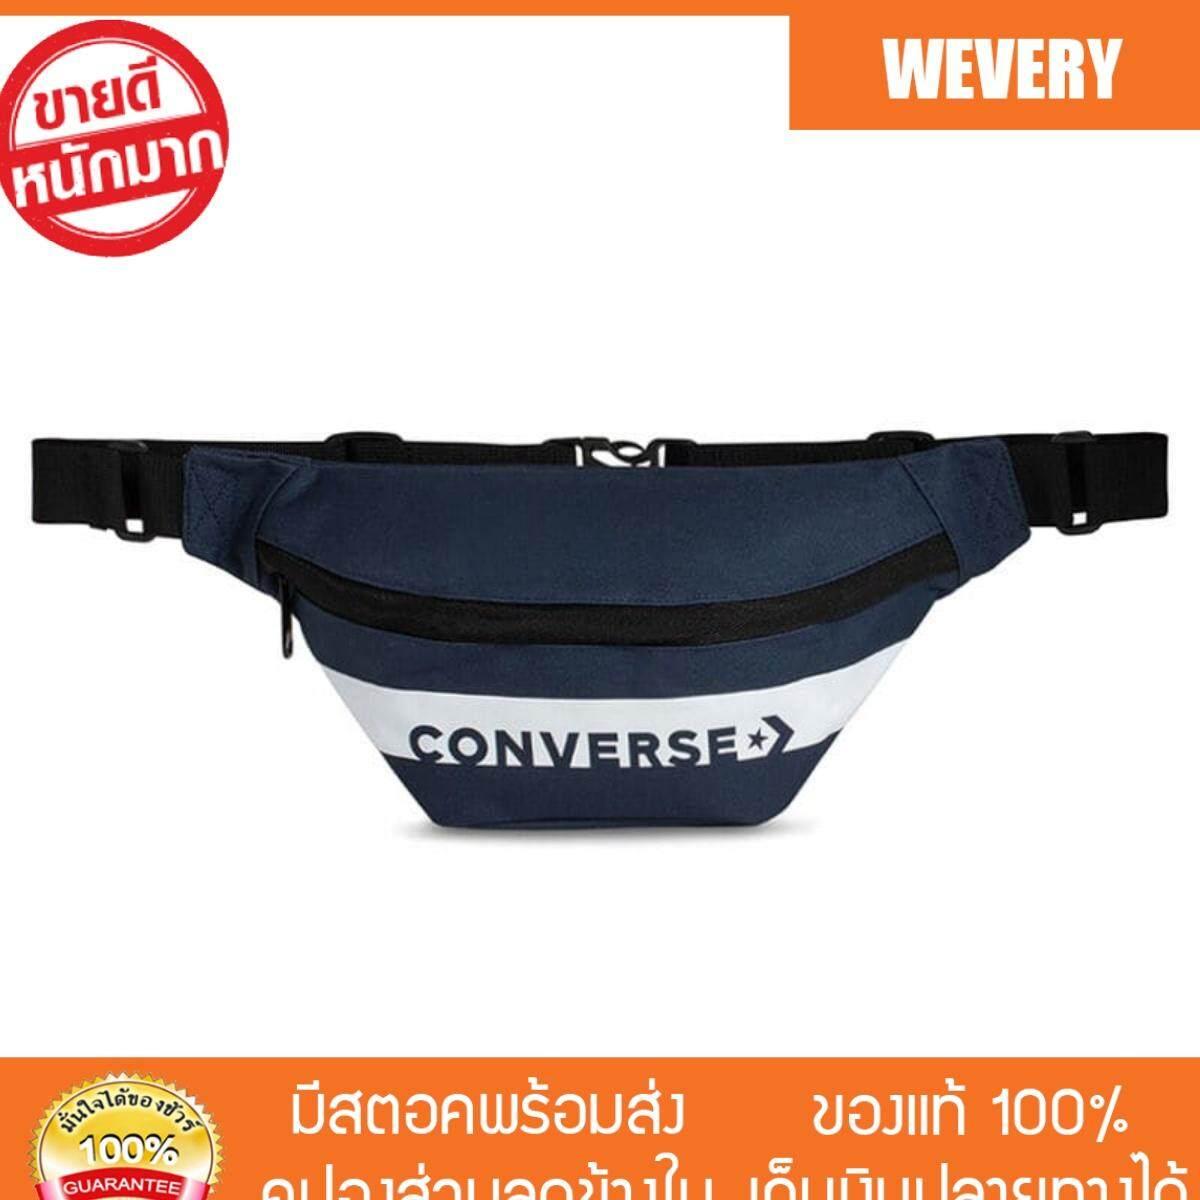 ลดสุดๆ [Wevery]- Converse กระเป๋าคาดเอว-อก Revolution สีกรมท่า กระเป๋าแฟชั่น กระเป๋าแฟชั้น กระเป๋าผู้หญิง กระเป๋าสะพายอก กระเป๋าคาดเอว กระเป๋าคาด กระเป๋าคาดวิ่ง ส่ง Kerry เก็บปลายทางได้